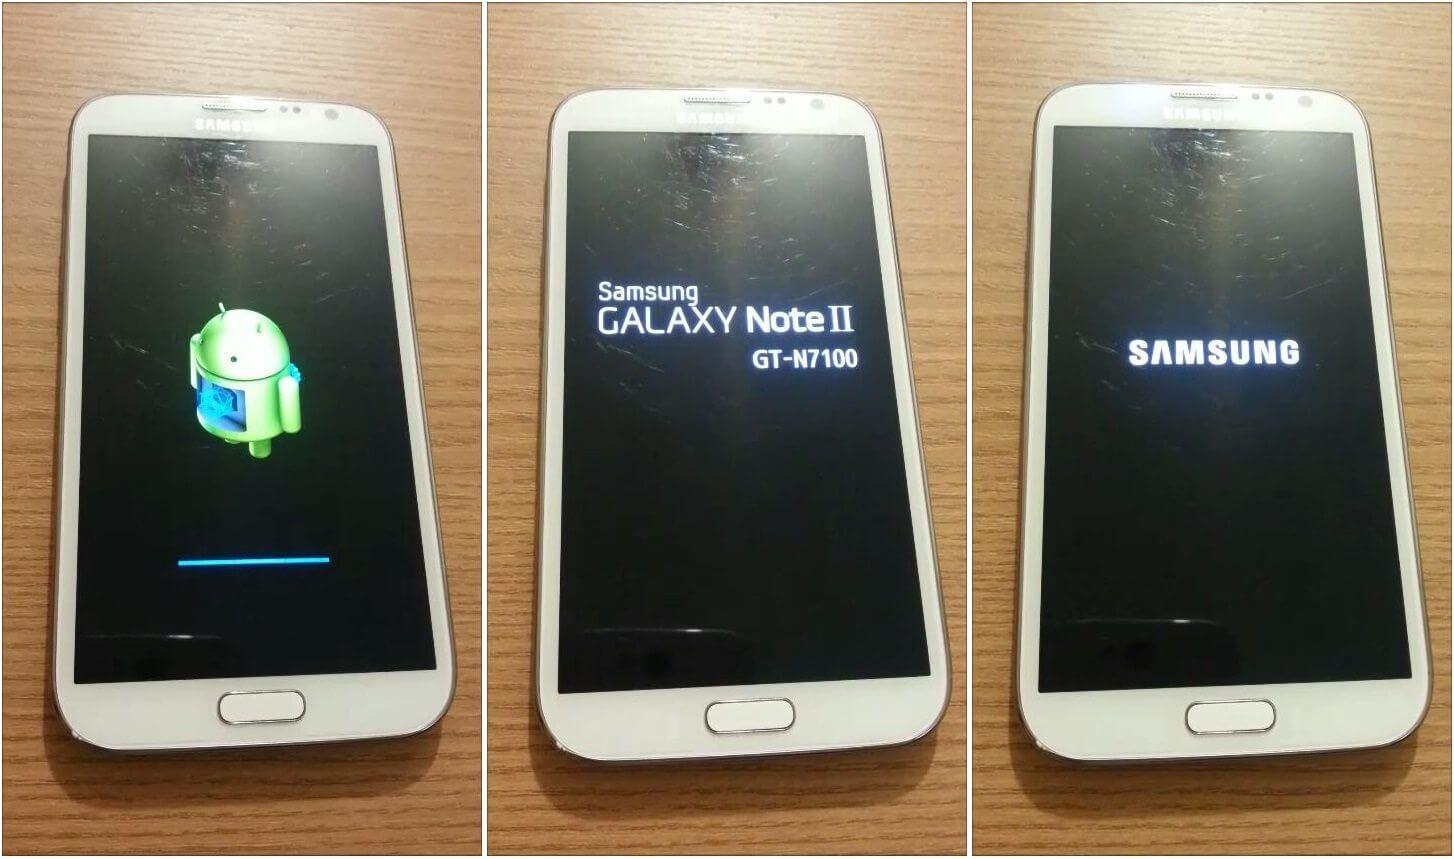 Vendeu o celular? Aprenda a voltar ao padrão de fábrica no android. Vendeu o celular? Como apagar seus dados? Aprenda a voltar ao padrão de fábrica no seu samsung galaxy note ii e garantir sua privacidade.